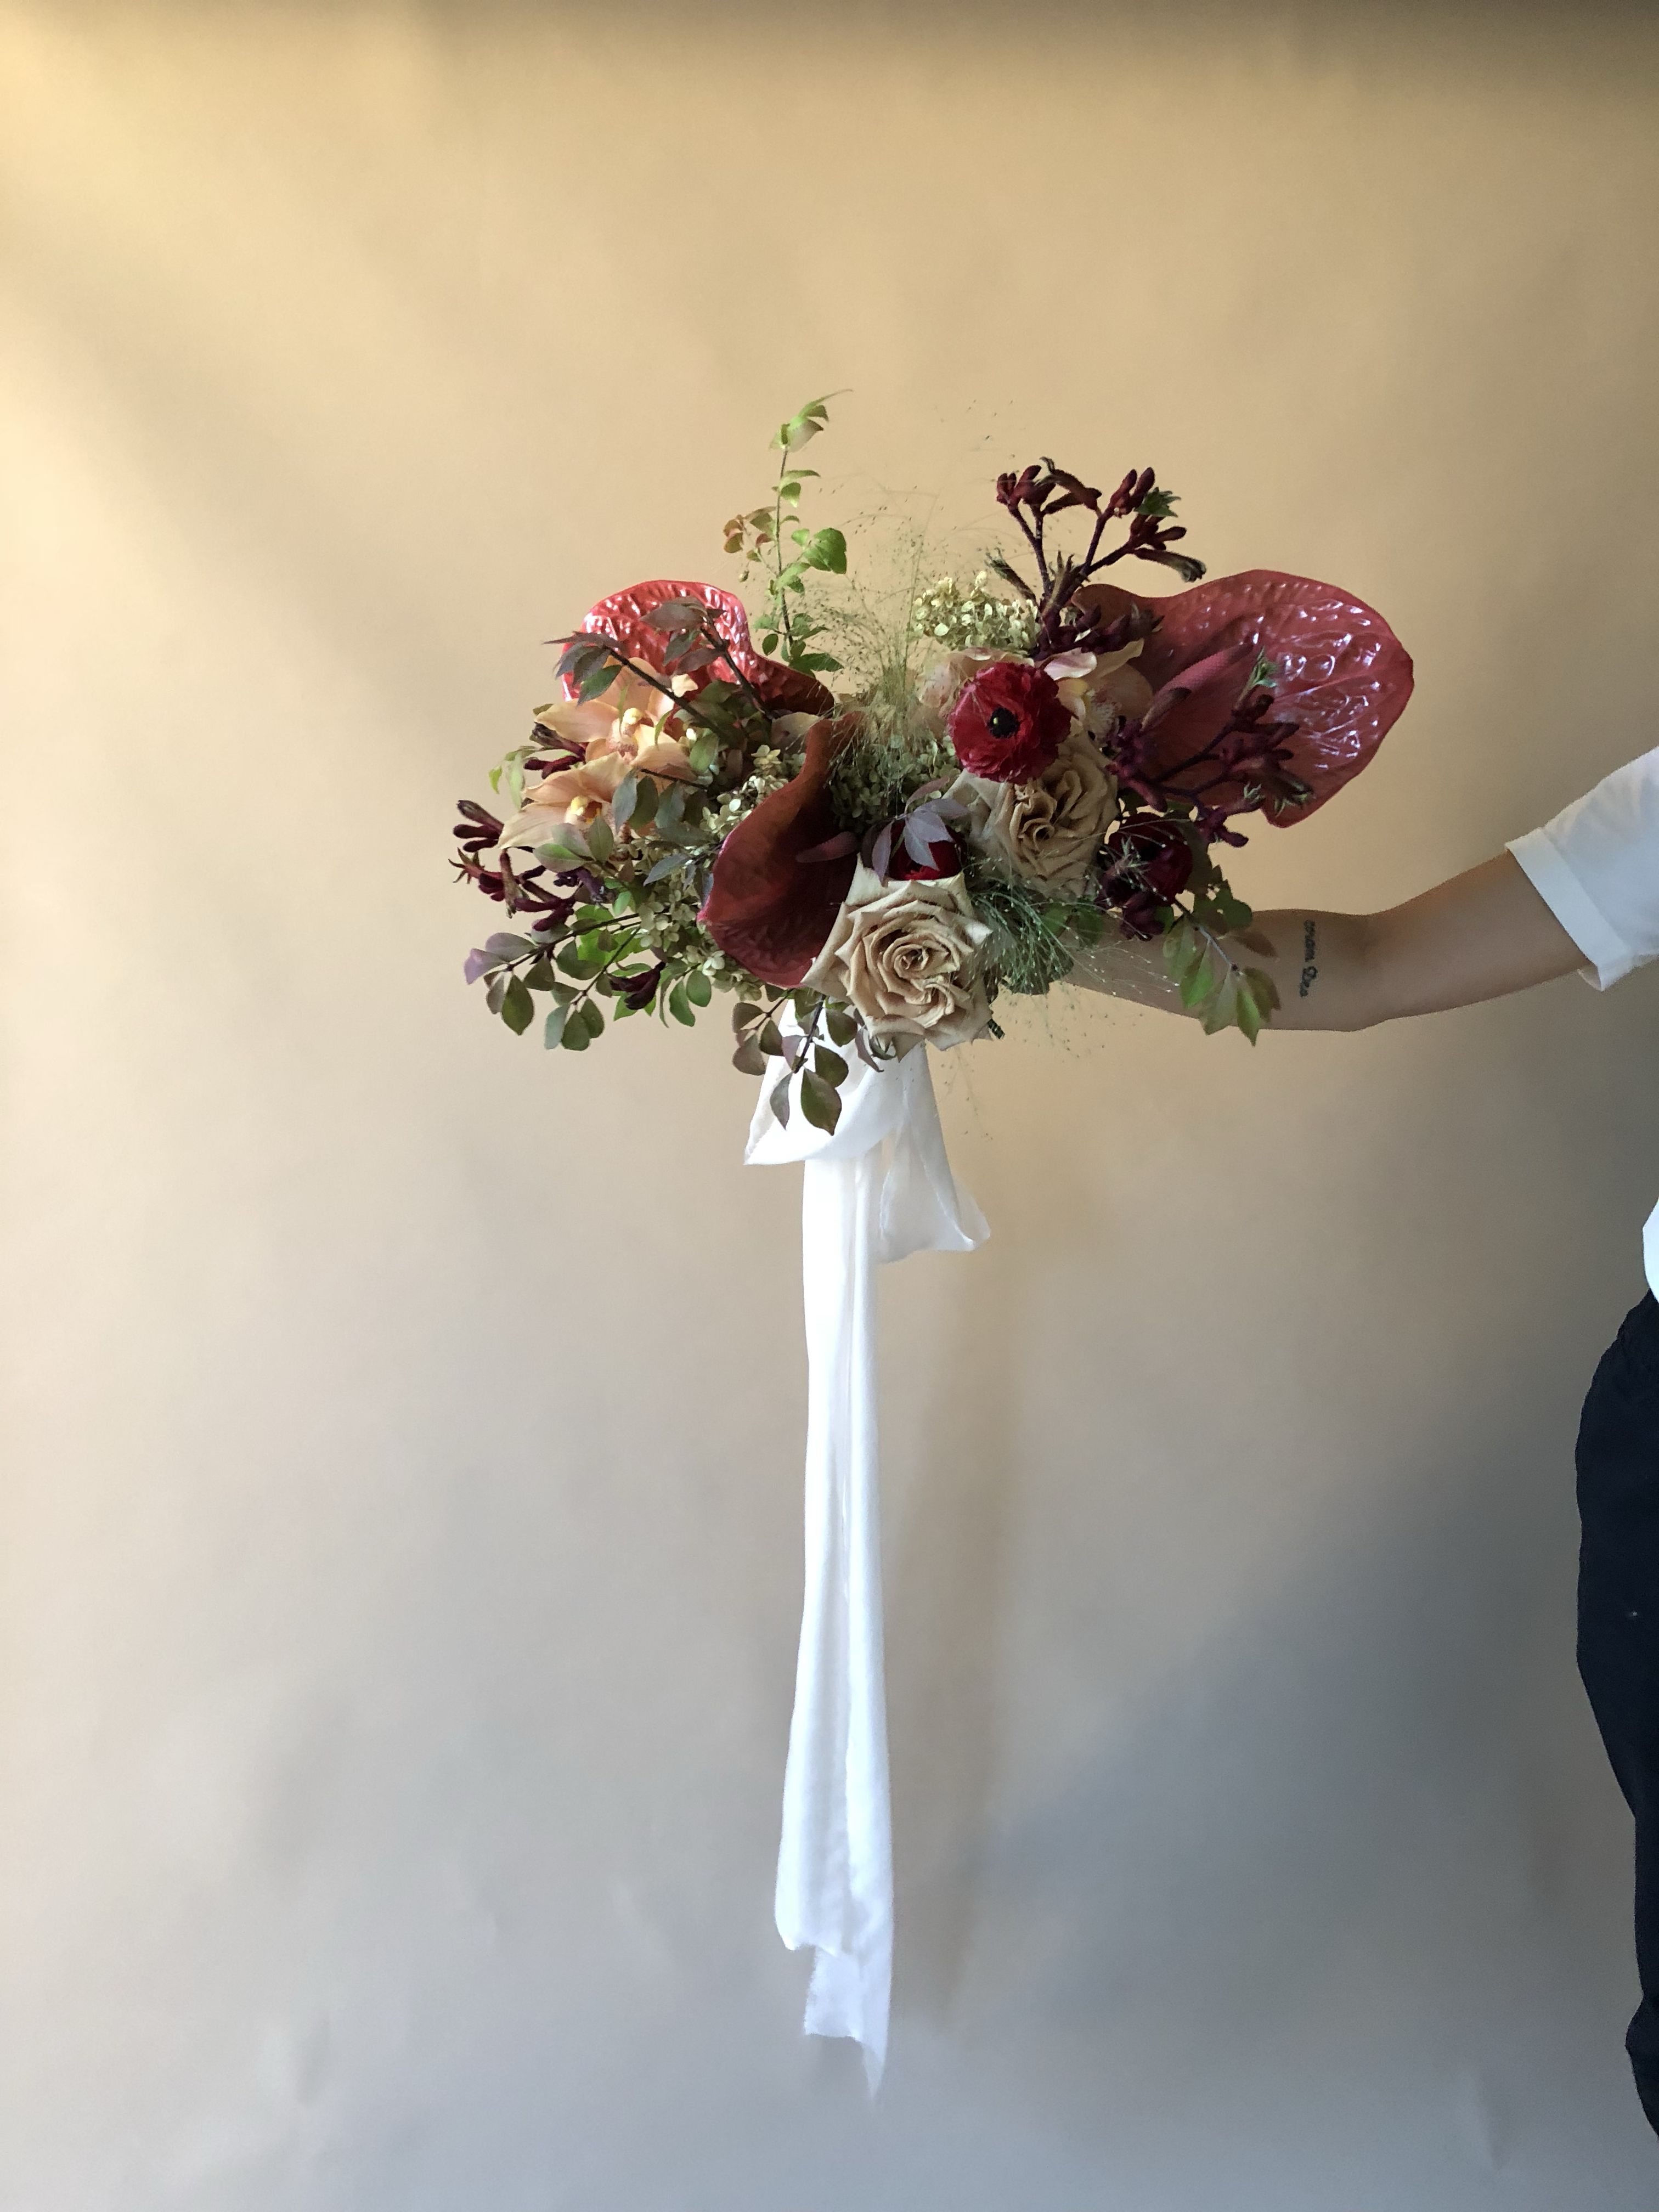 erin's bouquet - frou frou chic ribbon - unique wedding